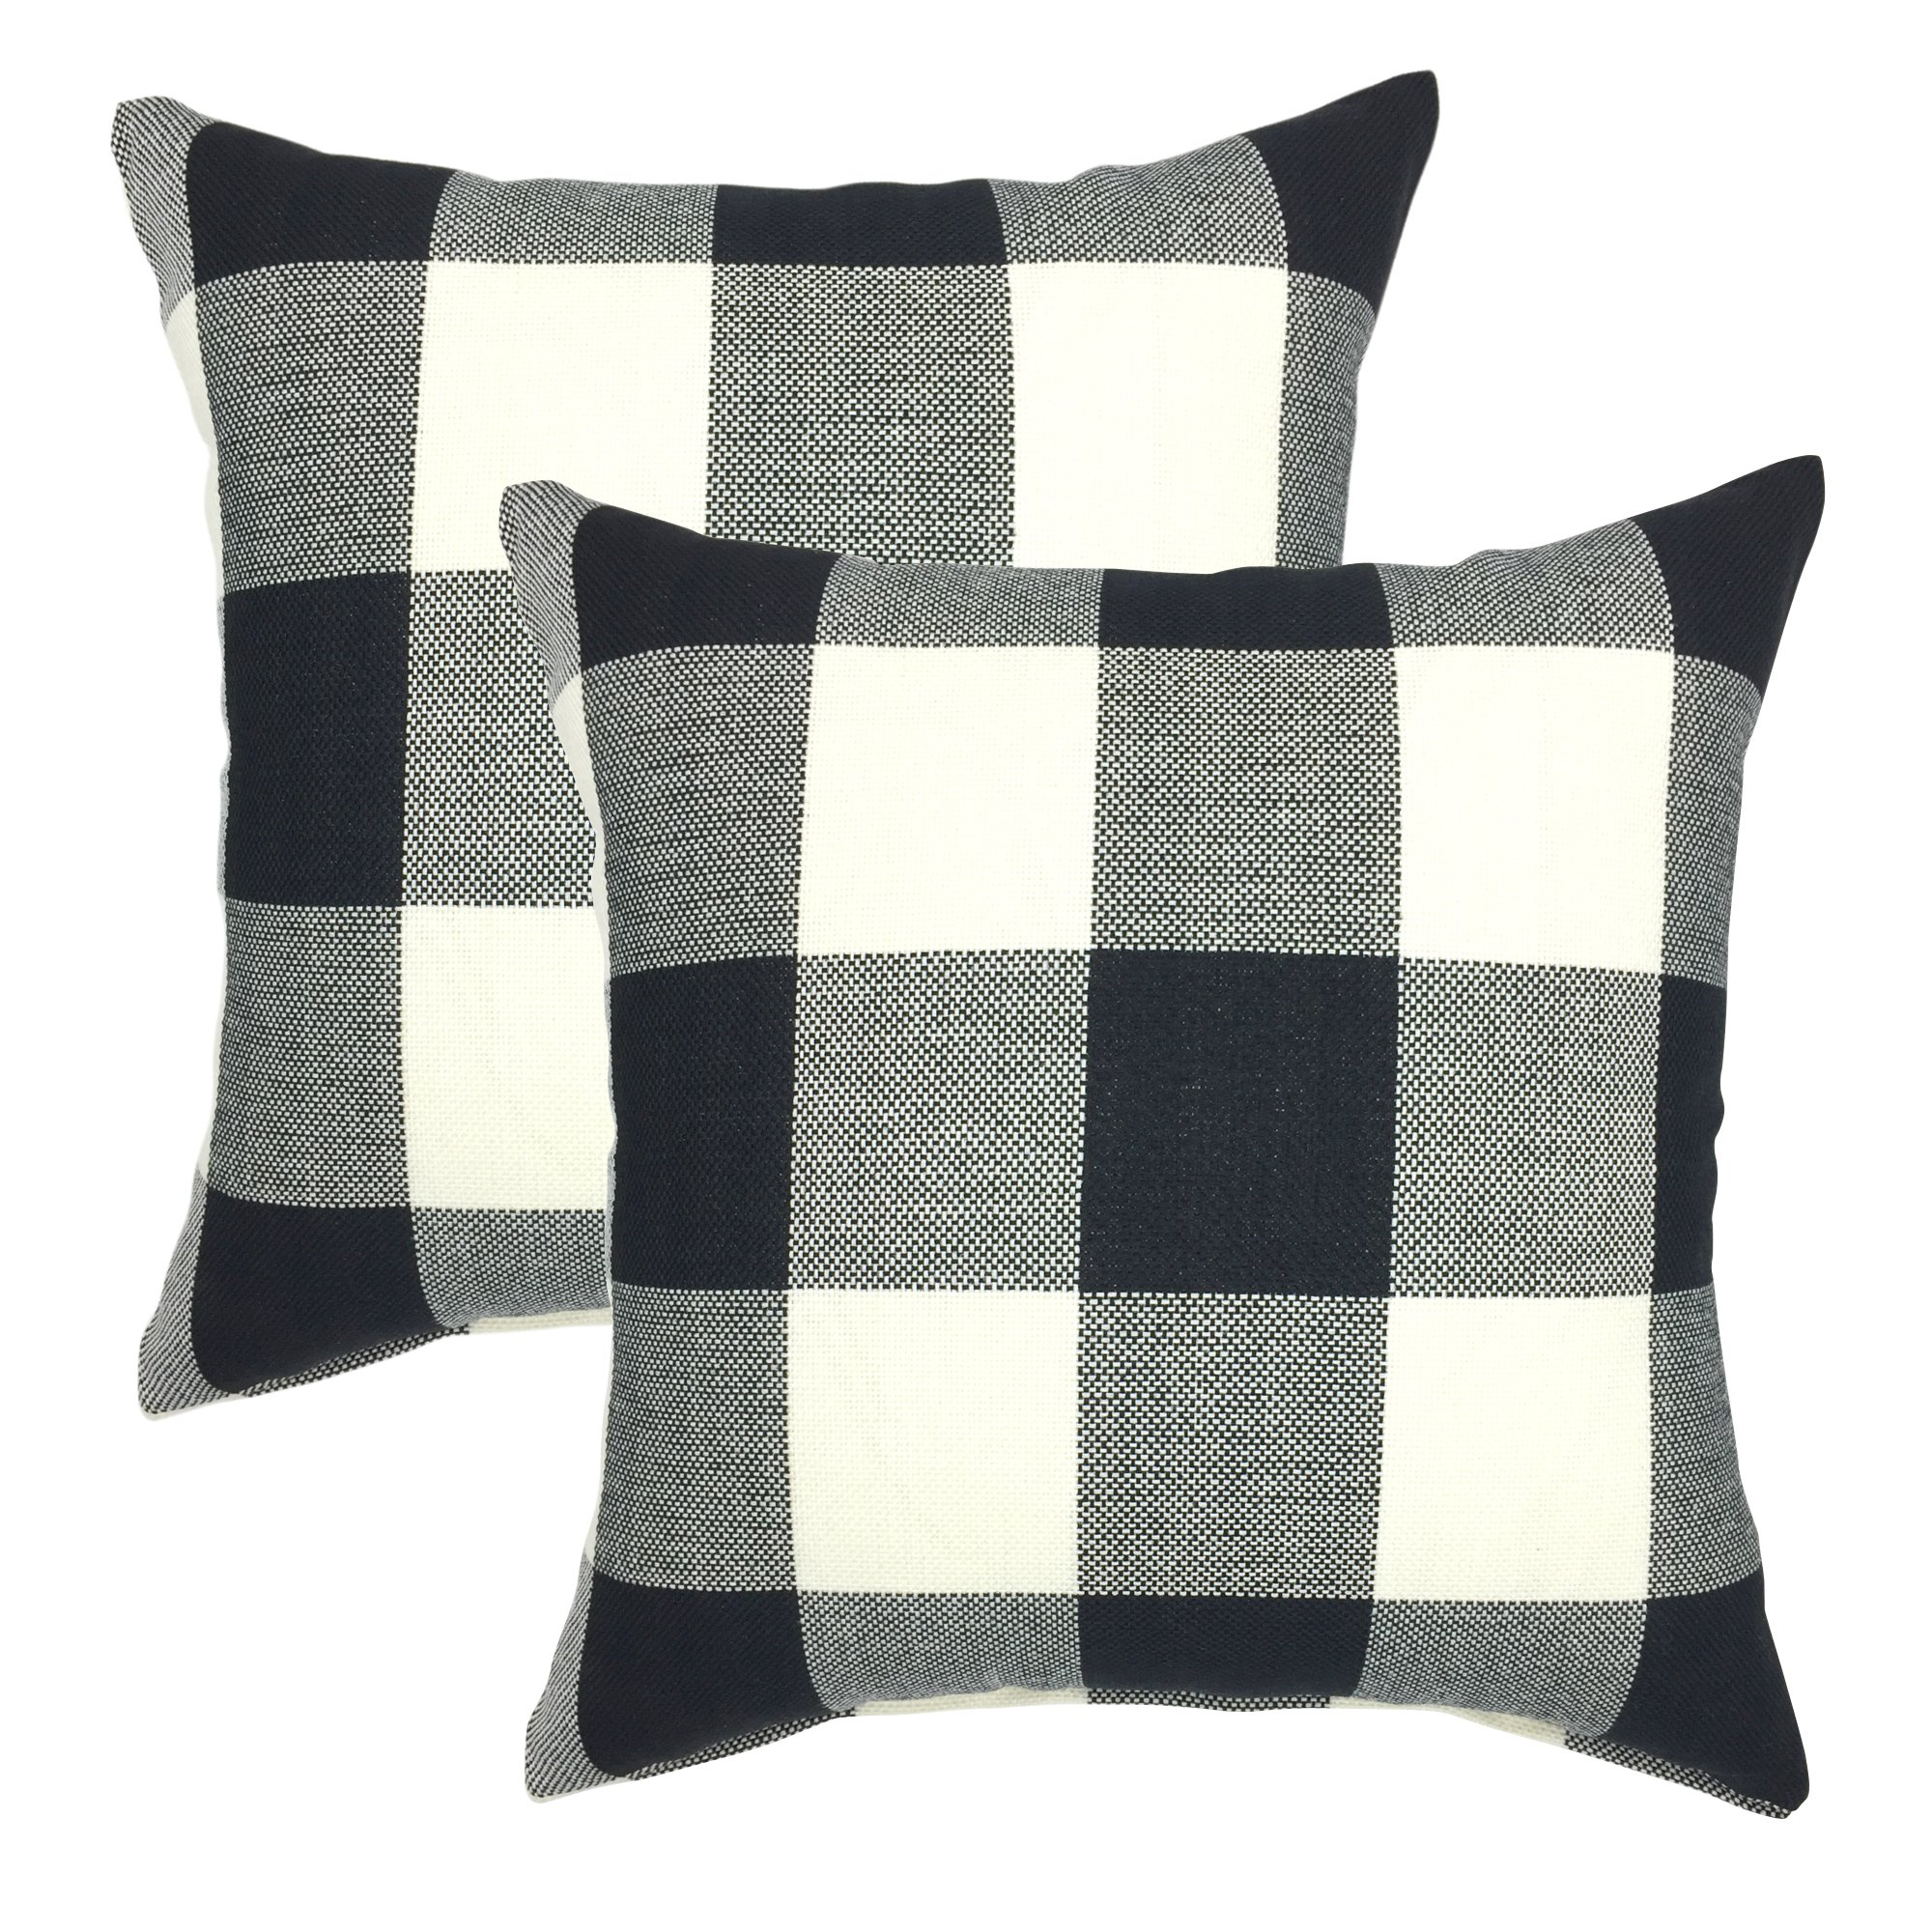 YOUR SMILE Retro Farmhouse Tartan Checkers Plaid Cotton Linen Decorative Throw Pillow Case Cushion Cover Pillowcase for Sofa 18 x 18 Inch, Set of 2, Black/White